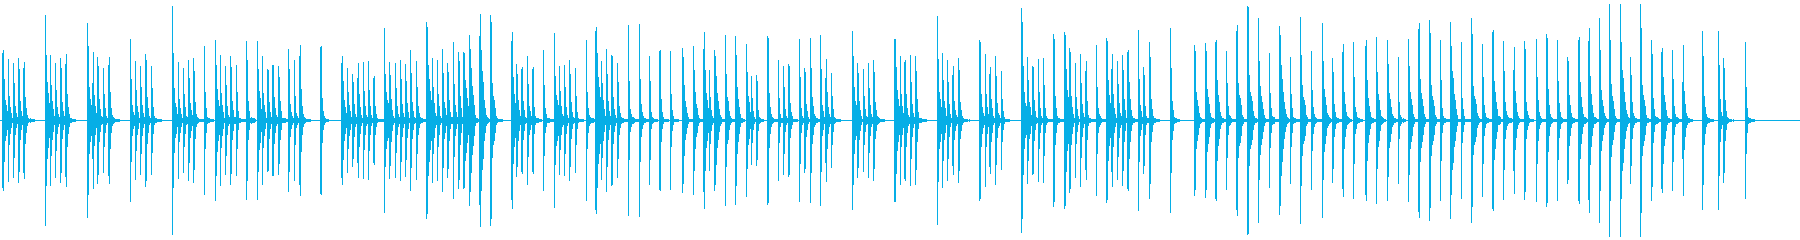 眠りや安心、癒し映像にほのぼのとした木琴の再生済みの波形